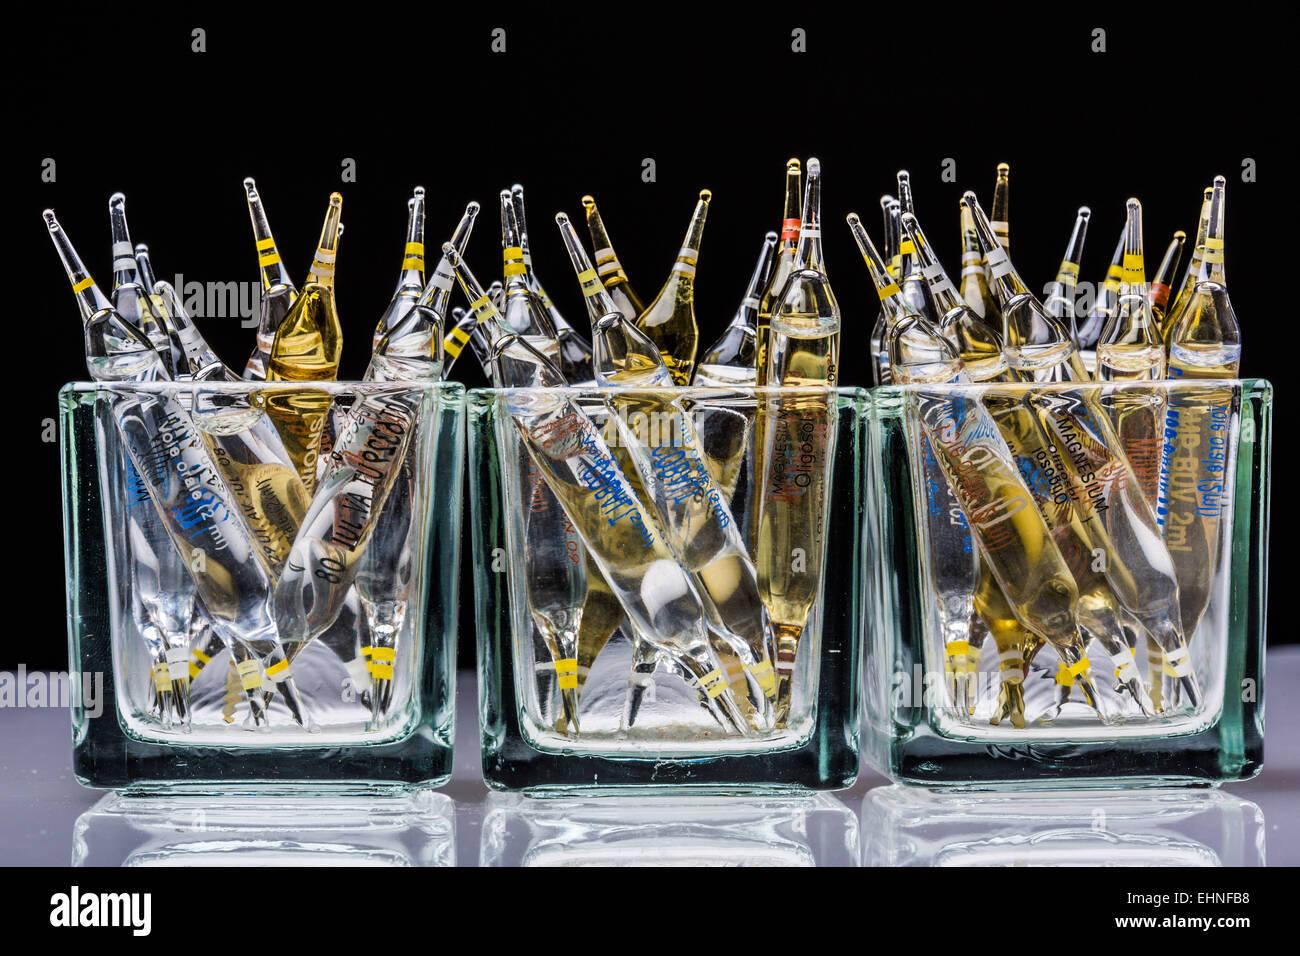 Glasampullen von verschiedenen Spurenelementen. Stockbild